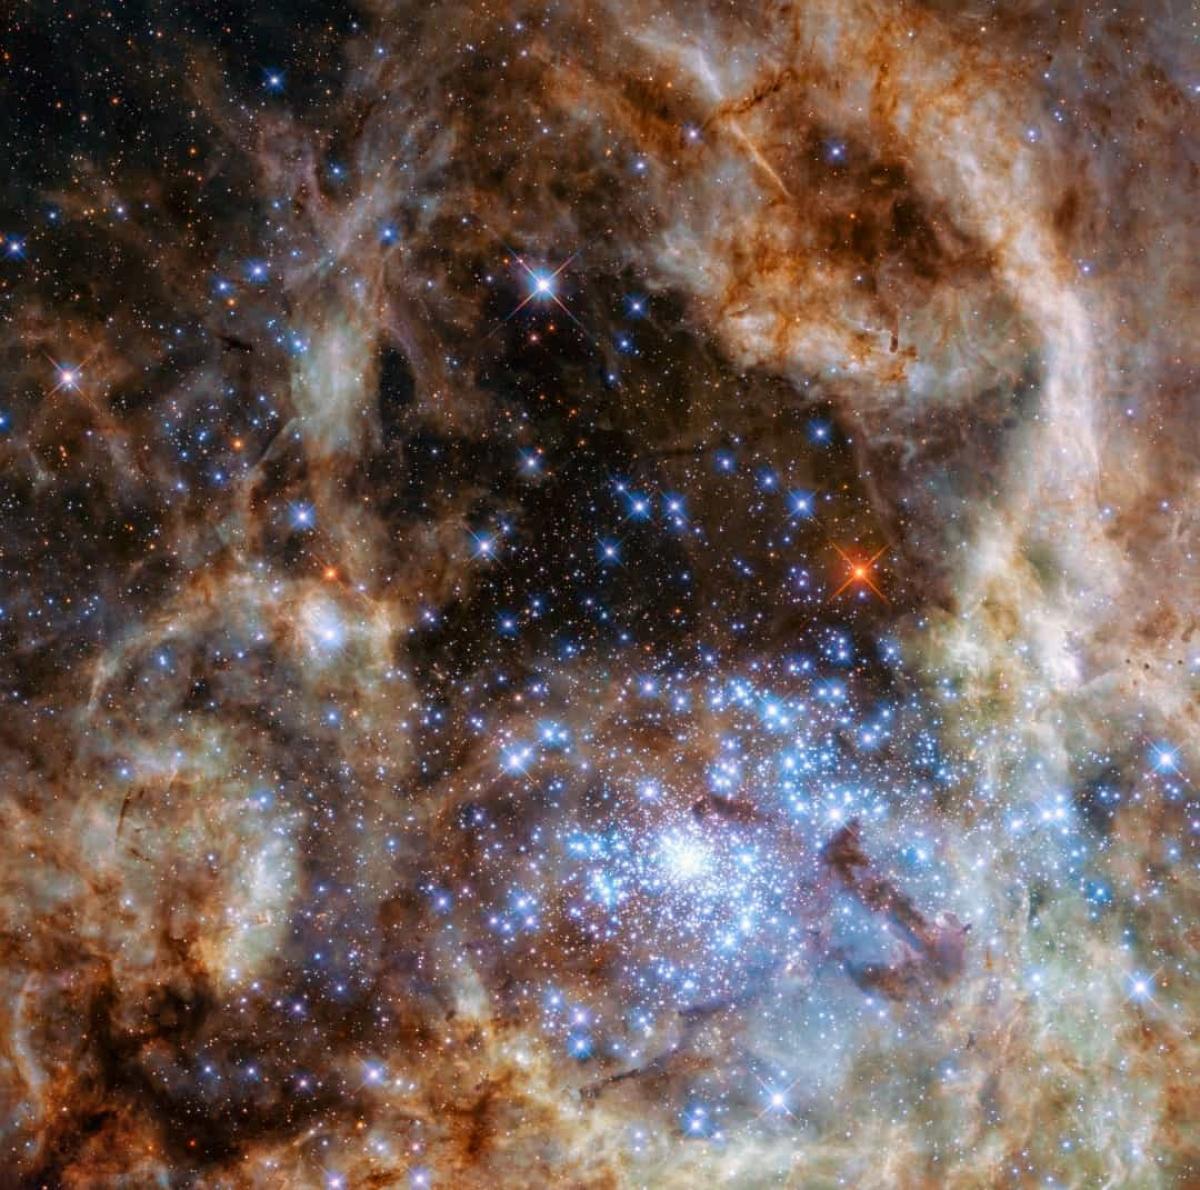 Tinh vân Tarantula có chứa hàng trăm ngôi sao trẻ màu xanh mà trong đó có những ngôi sao lớn nhất vũ trụ từng được phát hiện cho tới nay.